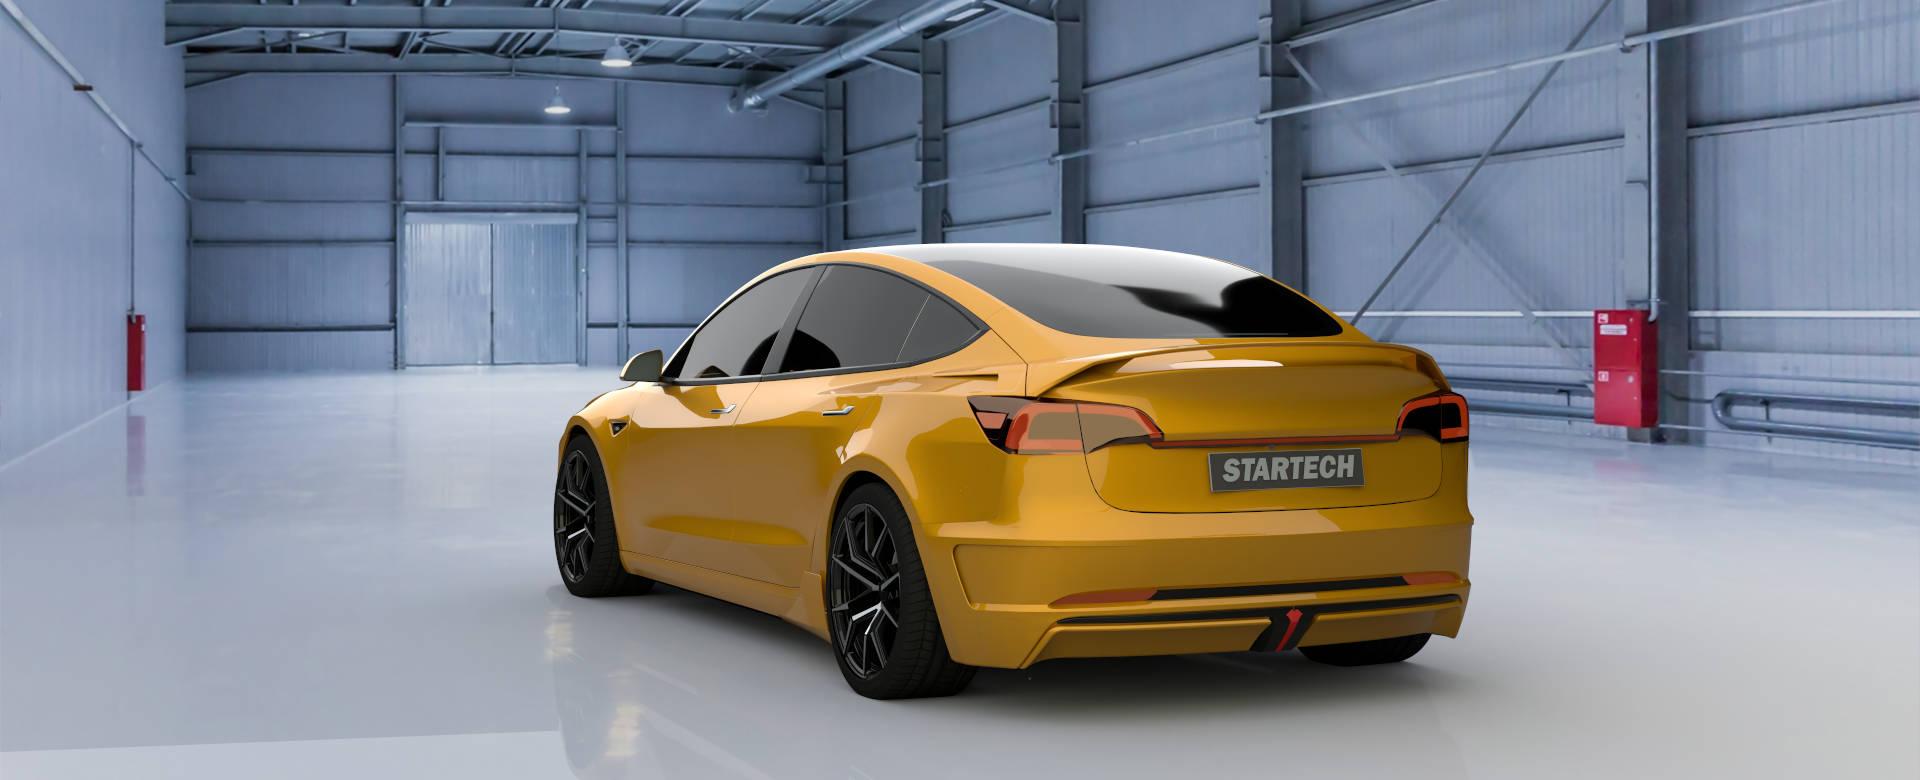 Tesla-Model-3-by-Startech-16-21